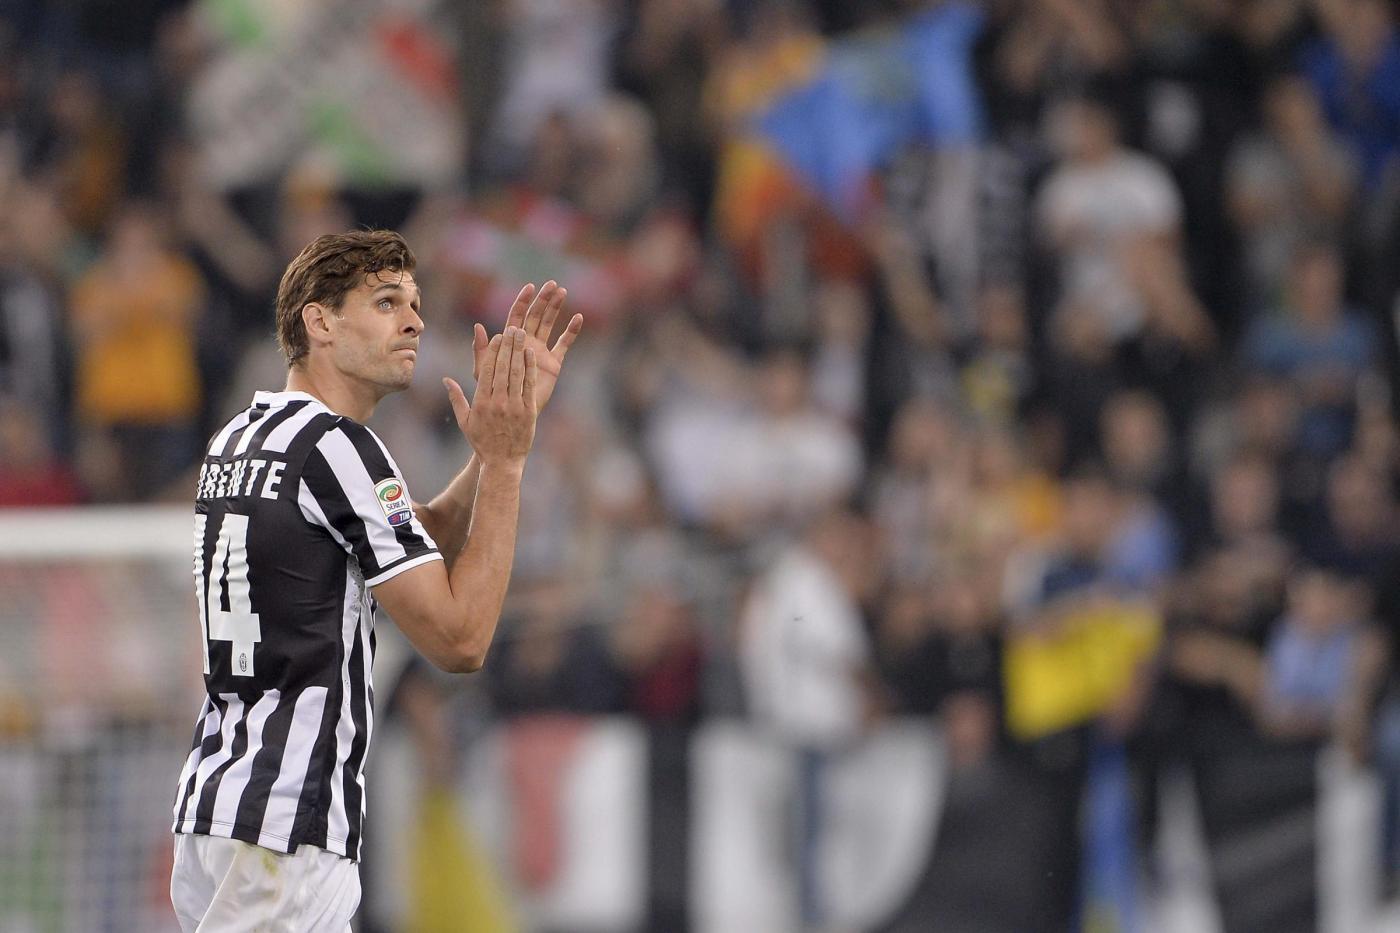 Pagella Serie A 2013/14: i voti della 32esima giornata